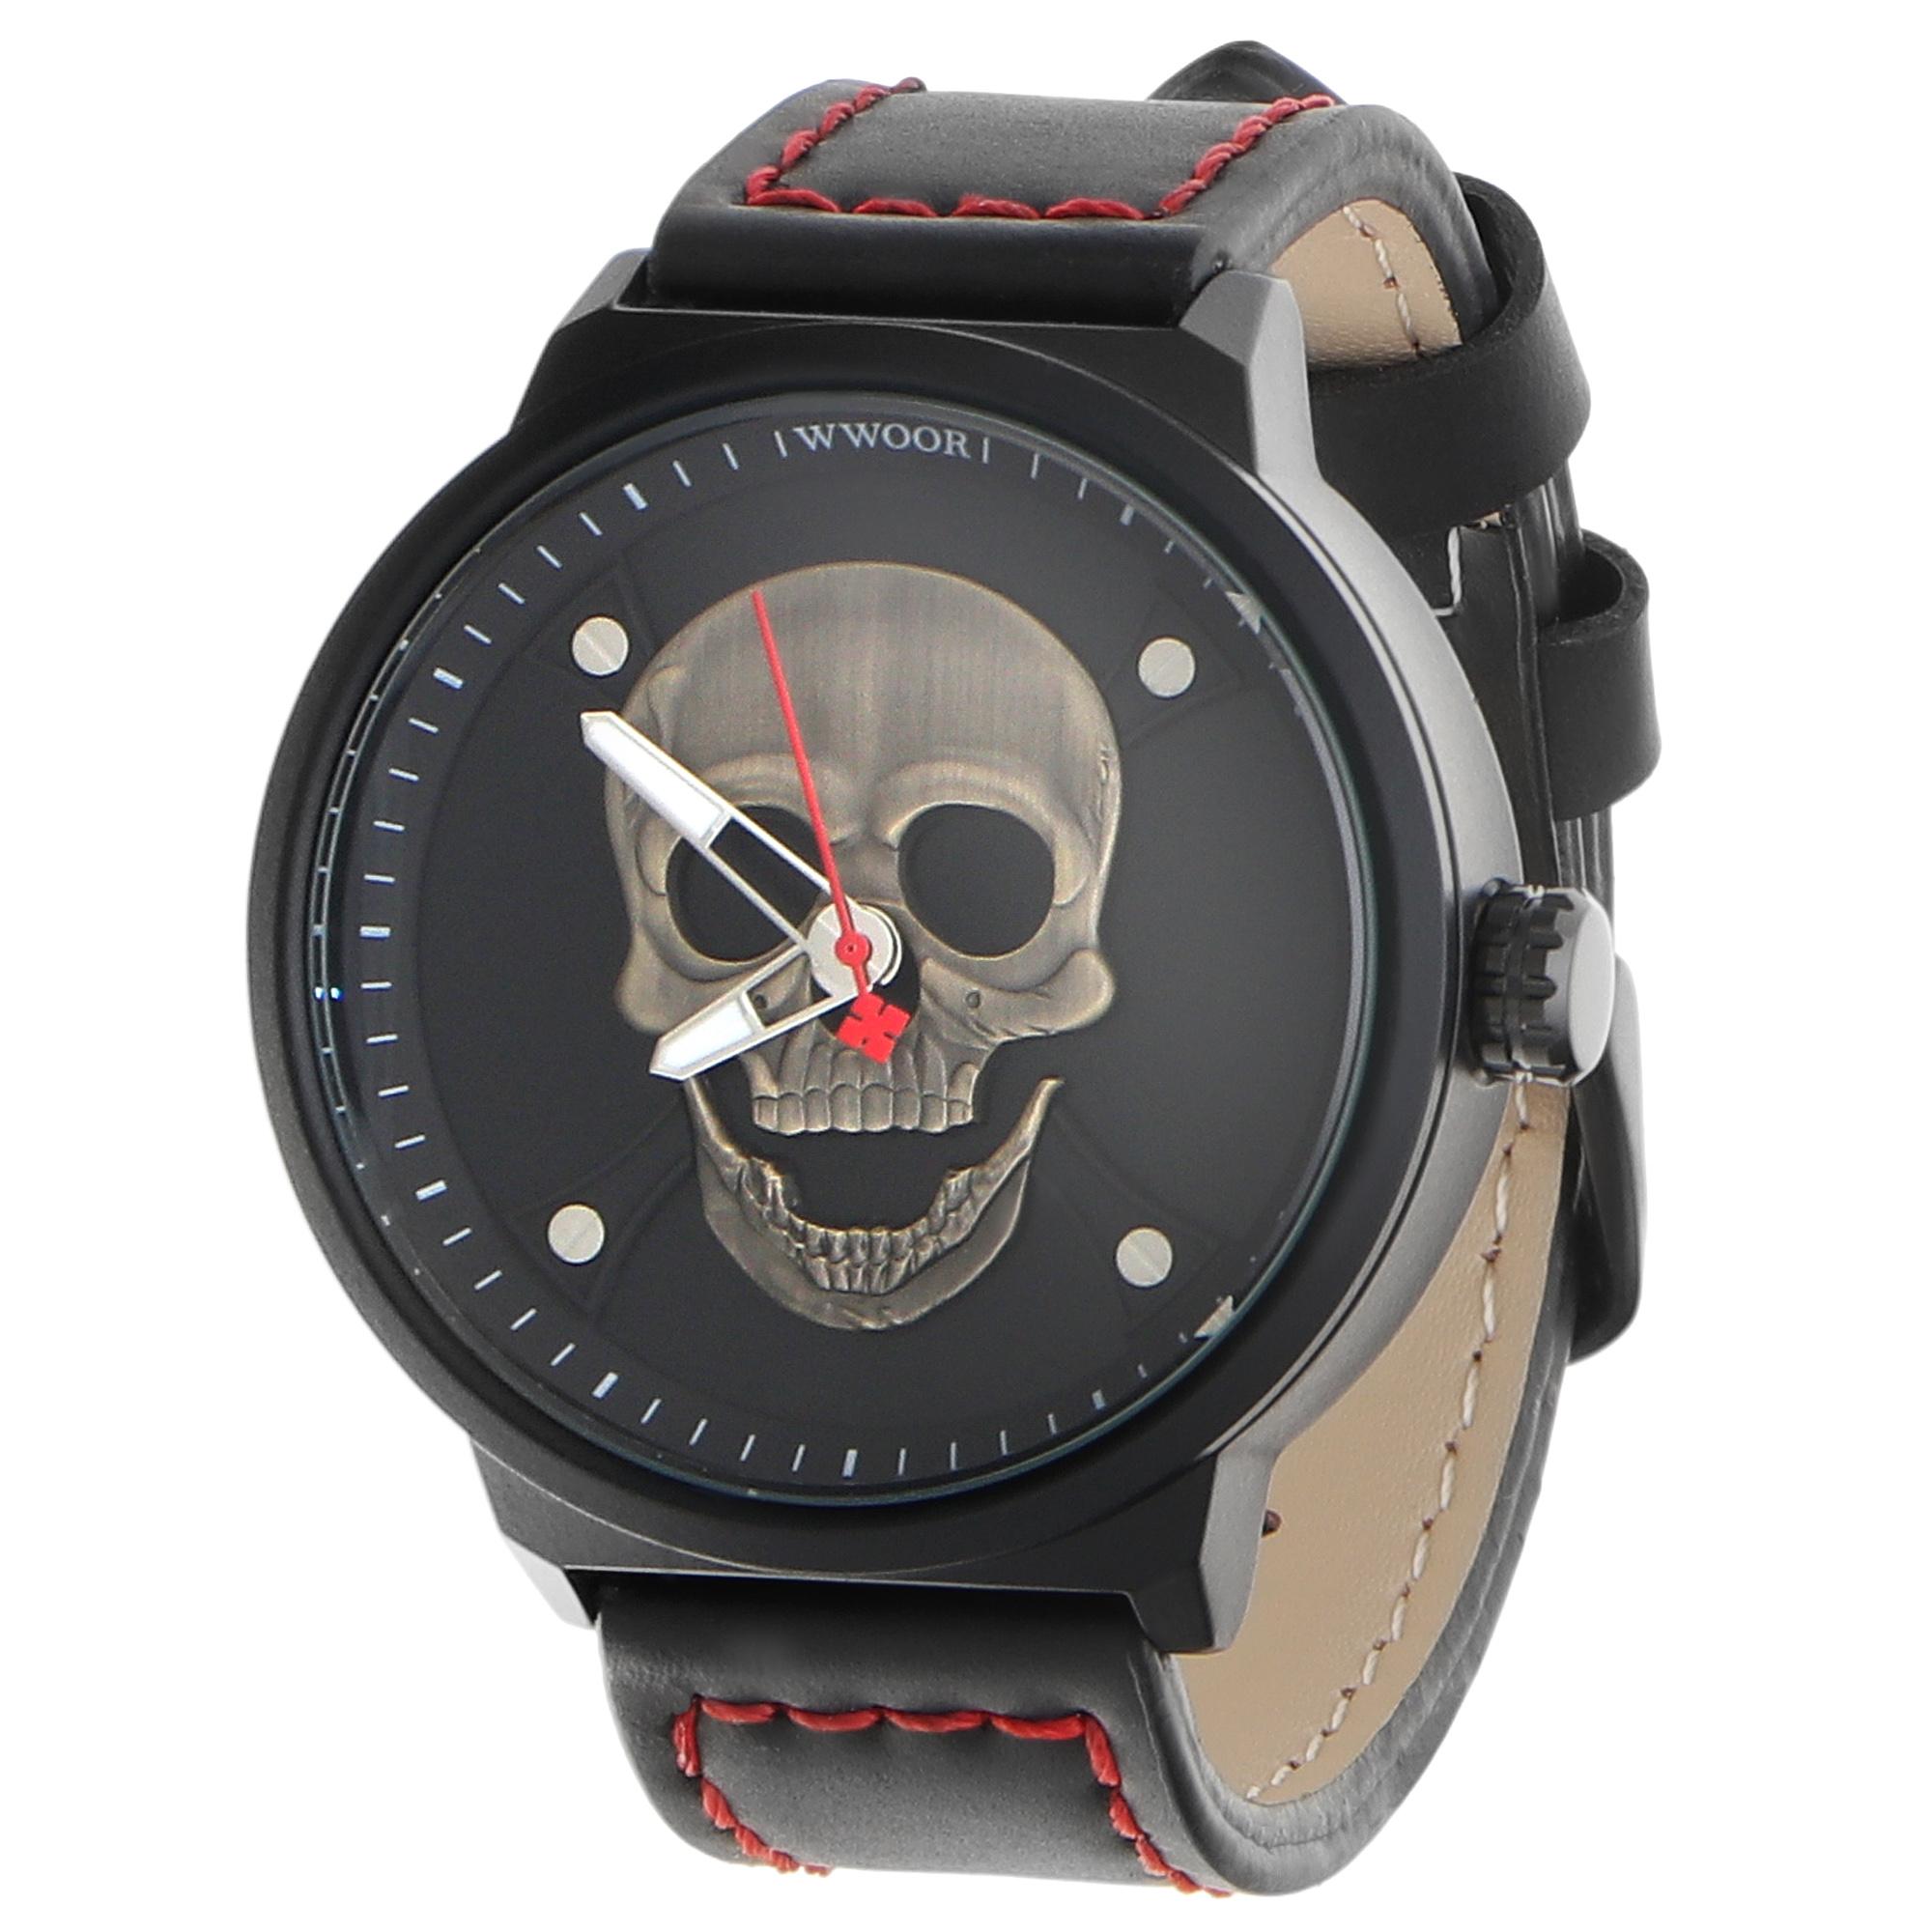 Часы наручные Wwoor WOR4312 наручные часы baby watch наручные junior girl 605279